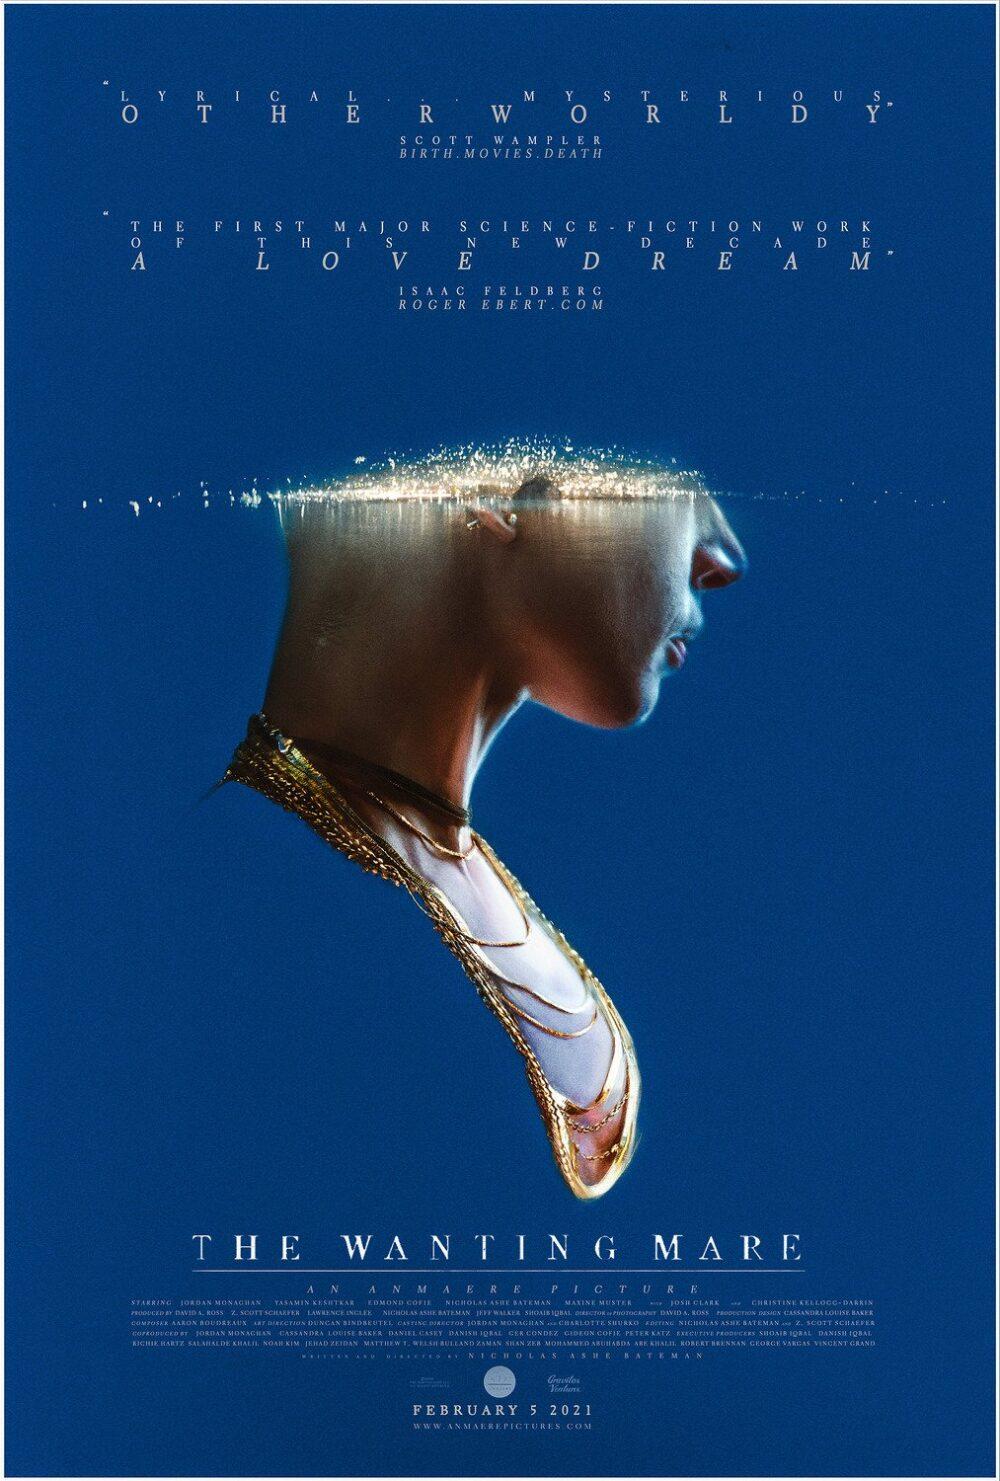 the-wanting-mare-nuovo-trailer-del-film-fantascientifico-prodotto-da-shane-carruth-2